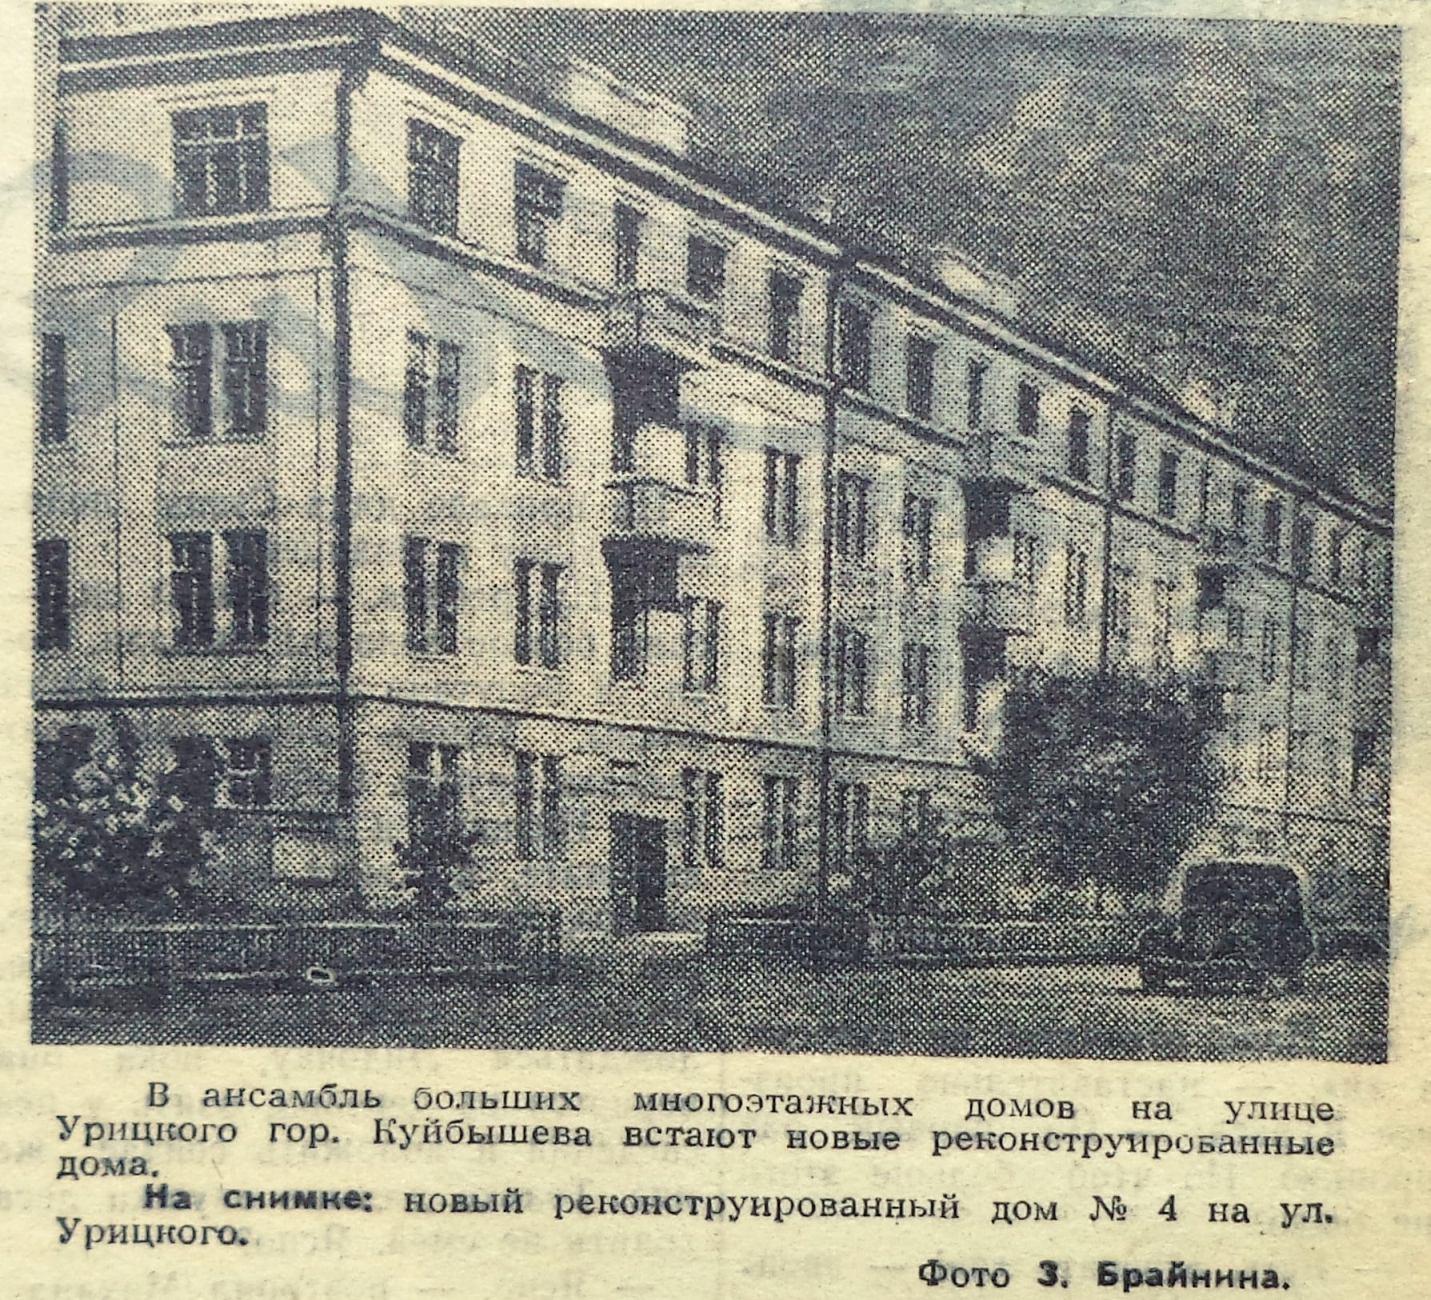 Урицкого-ФОТО-55-ВКц-1951-09-11-фото дома по Урицкого-4-min